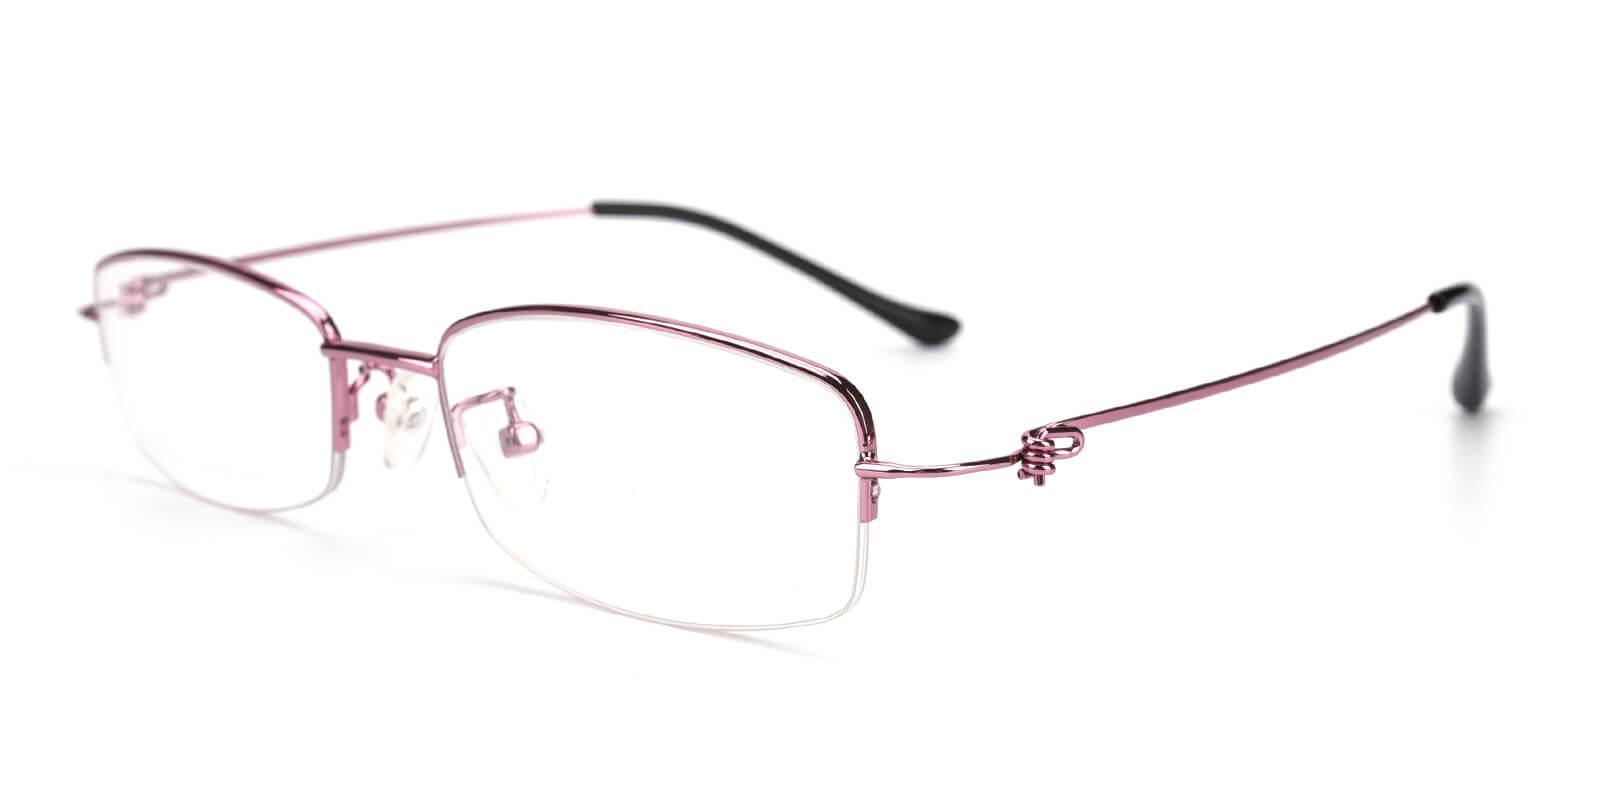 Elise-Pink-Rectangle-Metal-Eyeglasses-detail